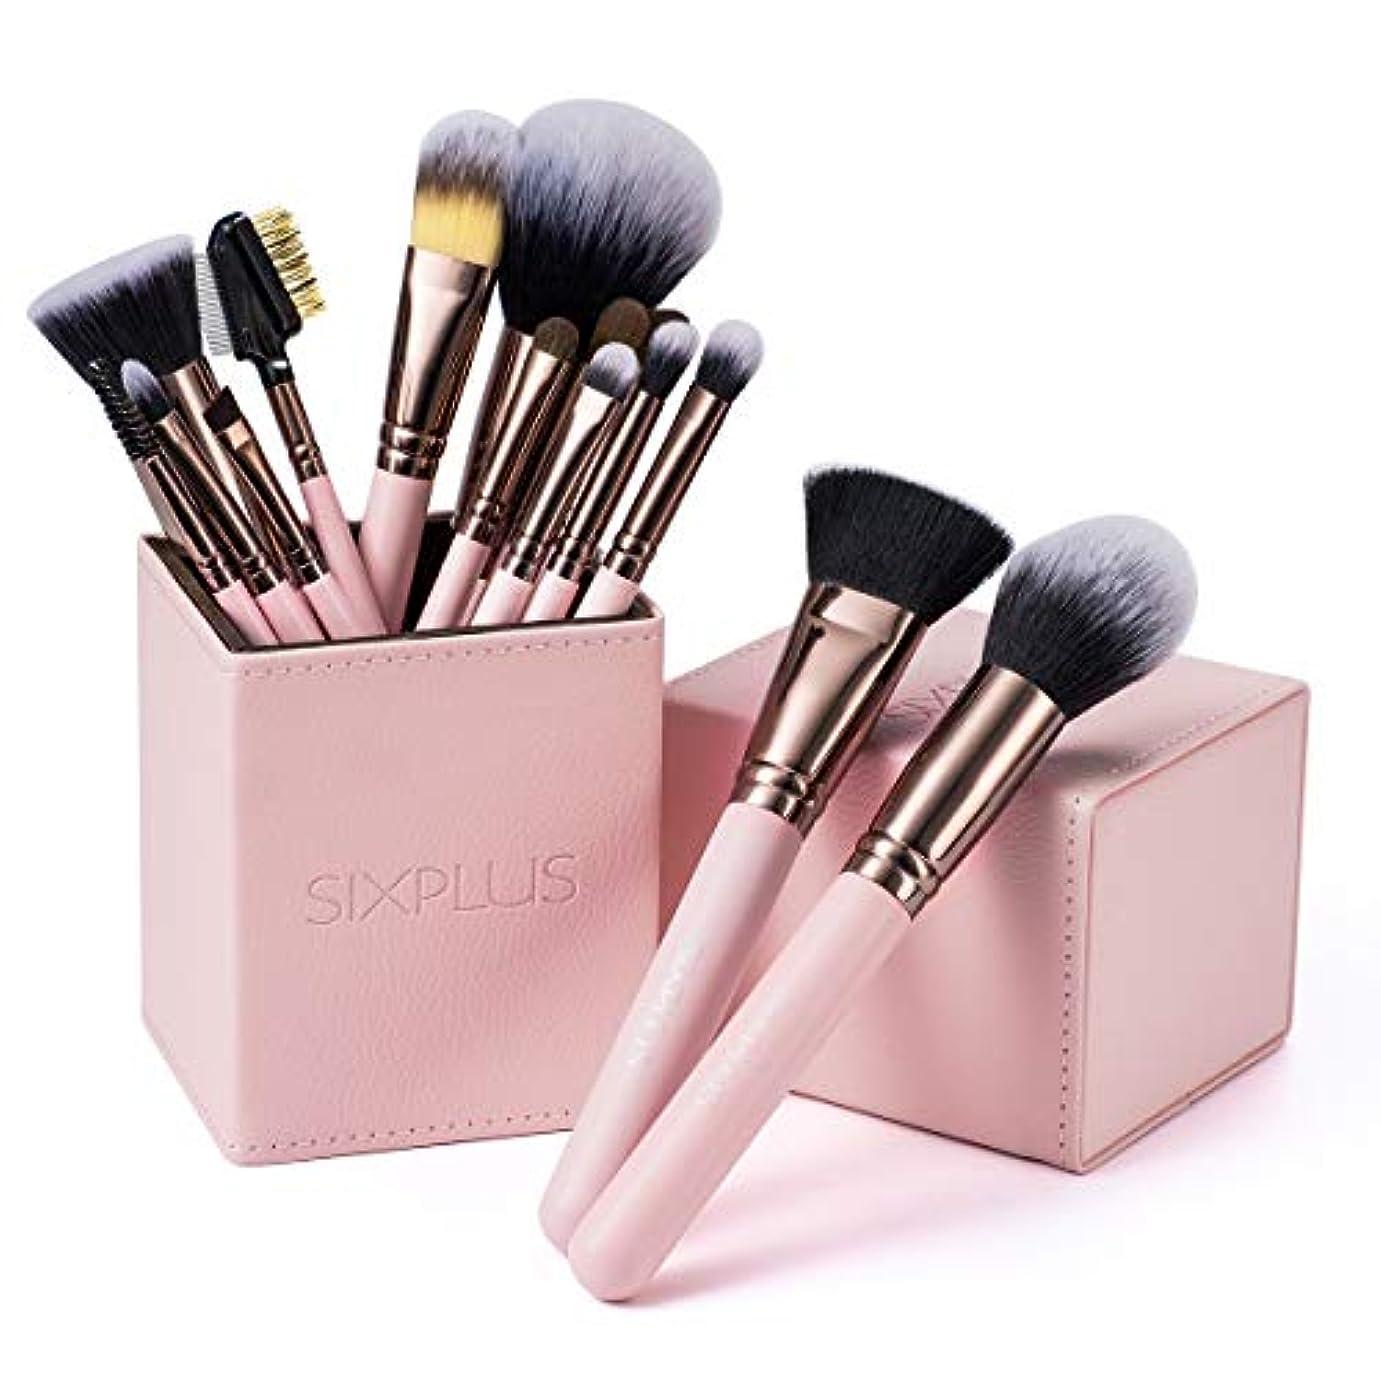 量ぜいたく権限SIXPLUS ロマンチックなピンク色 メイクブラシ 15本セット(ピンク色)